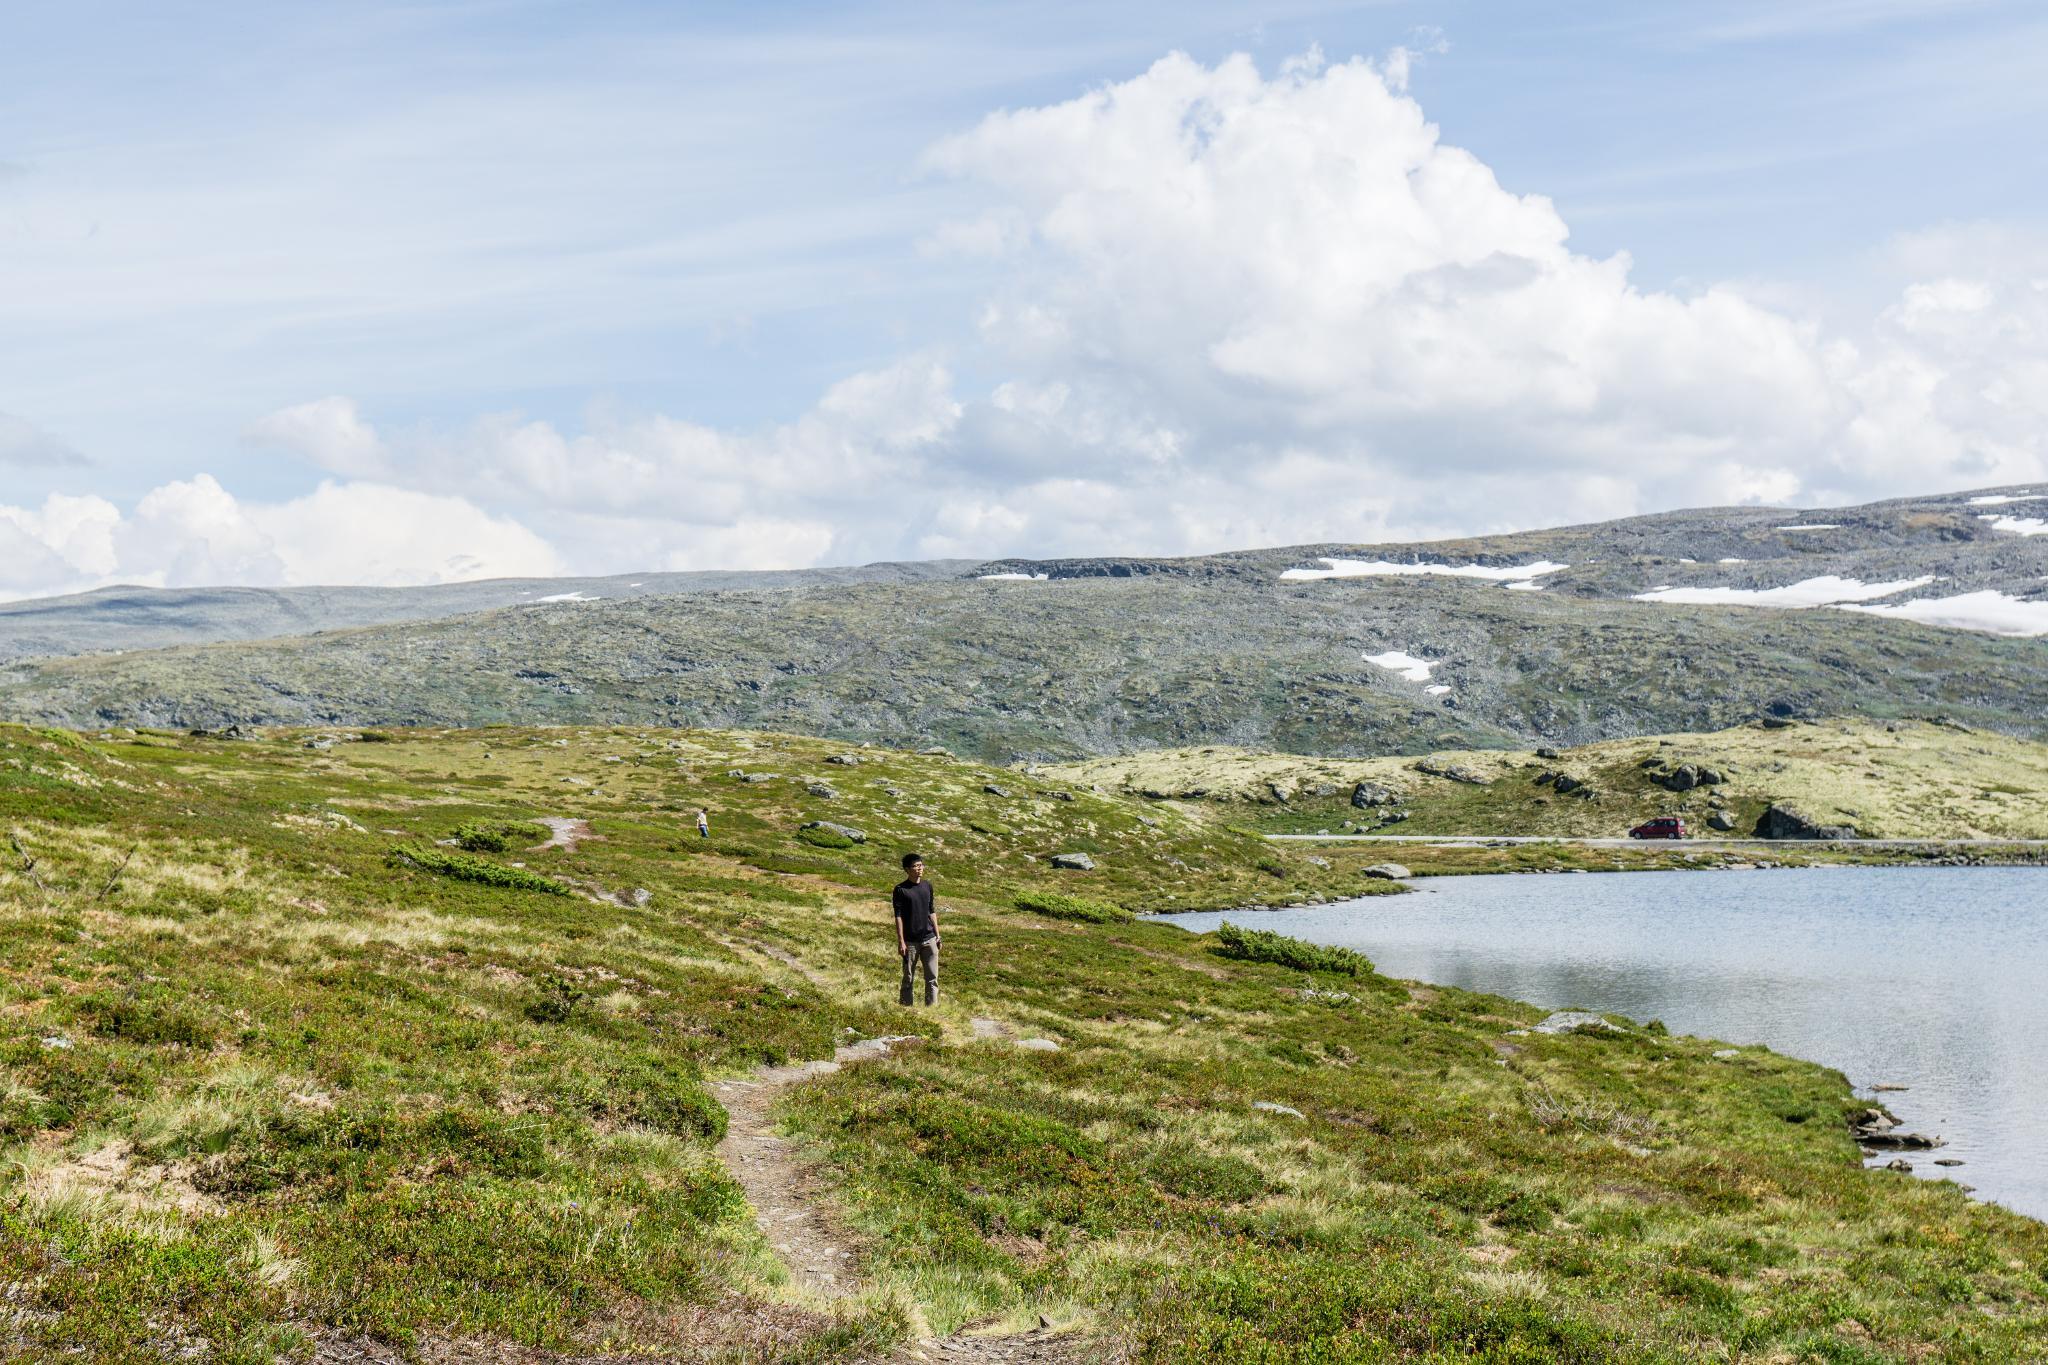 【北歐景點】世界最美景觀公路 - 俯瞰挪威松恩峽灣的 Fv243 雪之路 (Aurlandsfjellet) 23